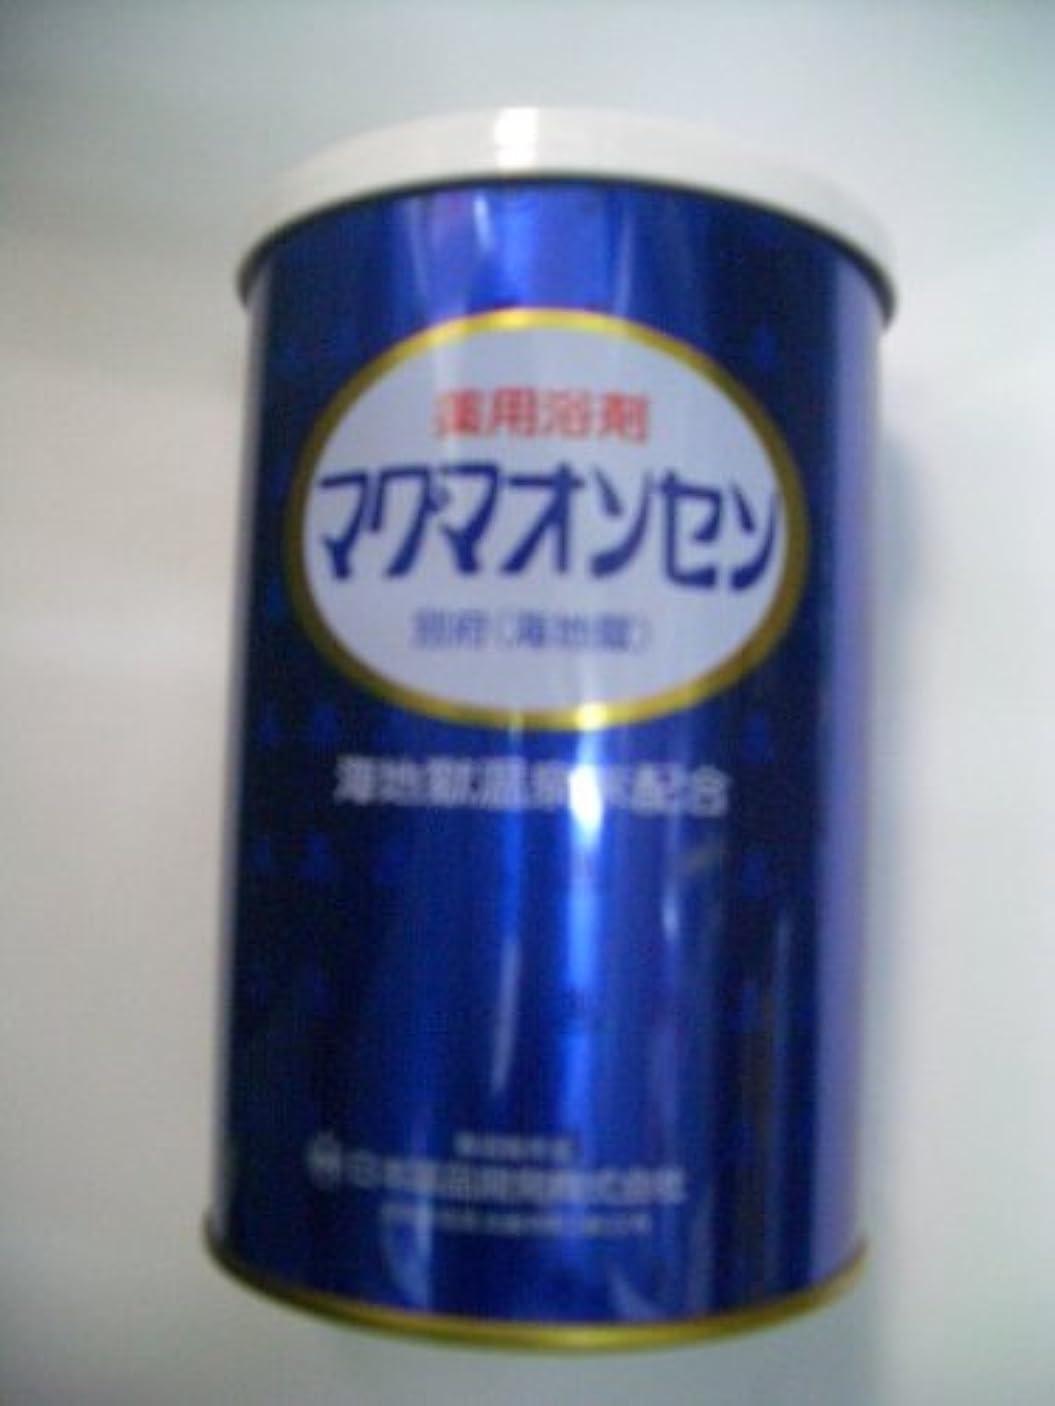 補体先史時代の香港別府温泉【マグマオンセン温泉】(海地獄)缶入500g 6個